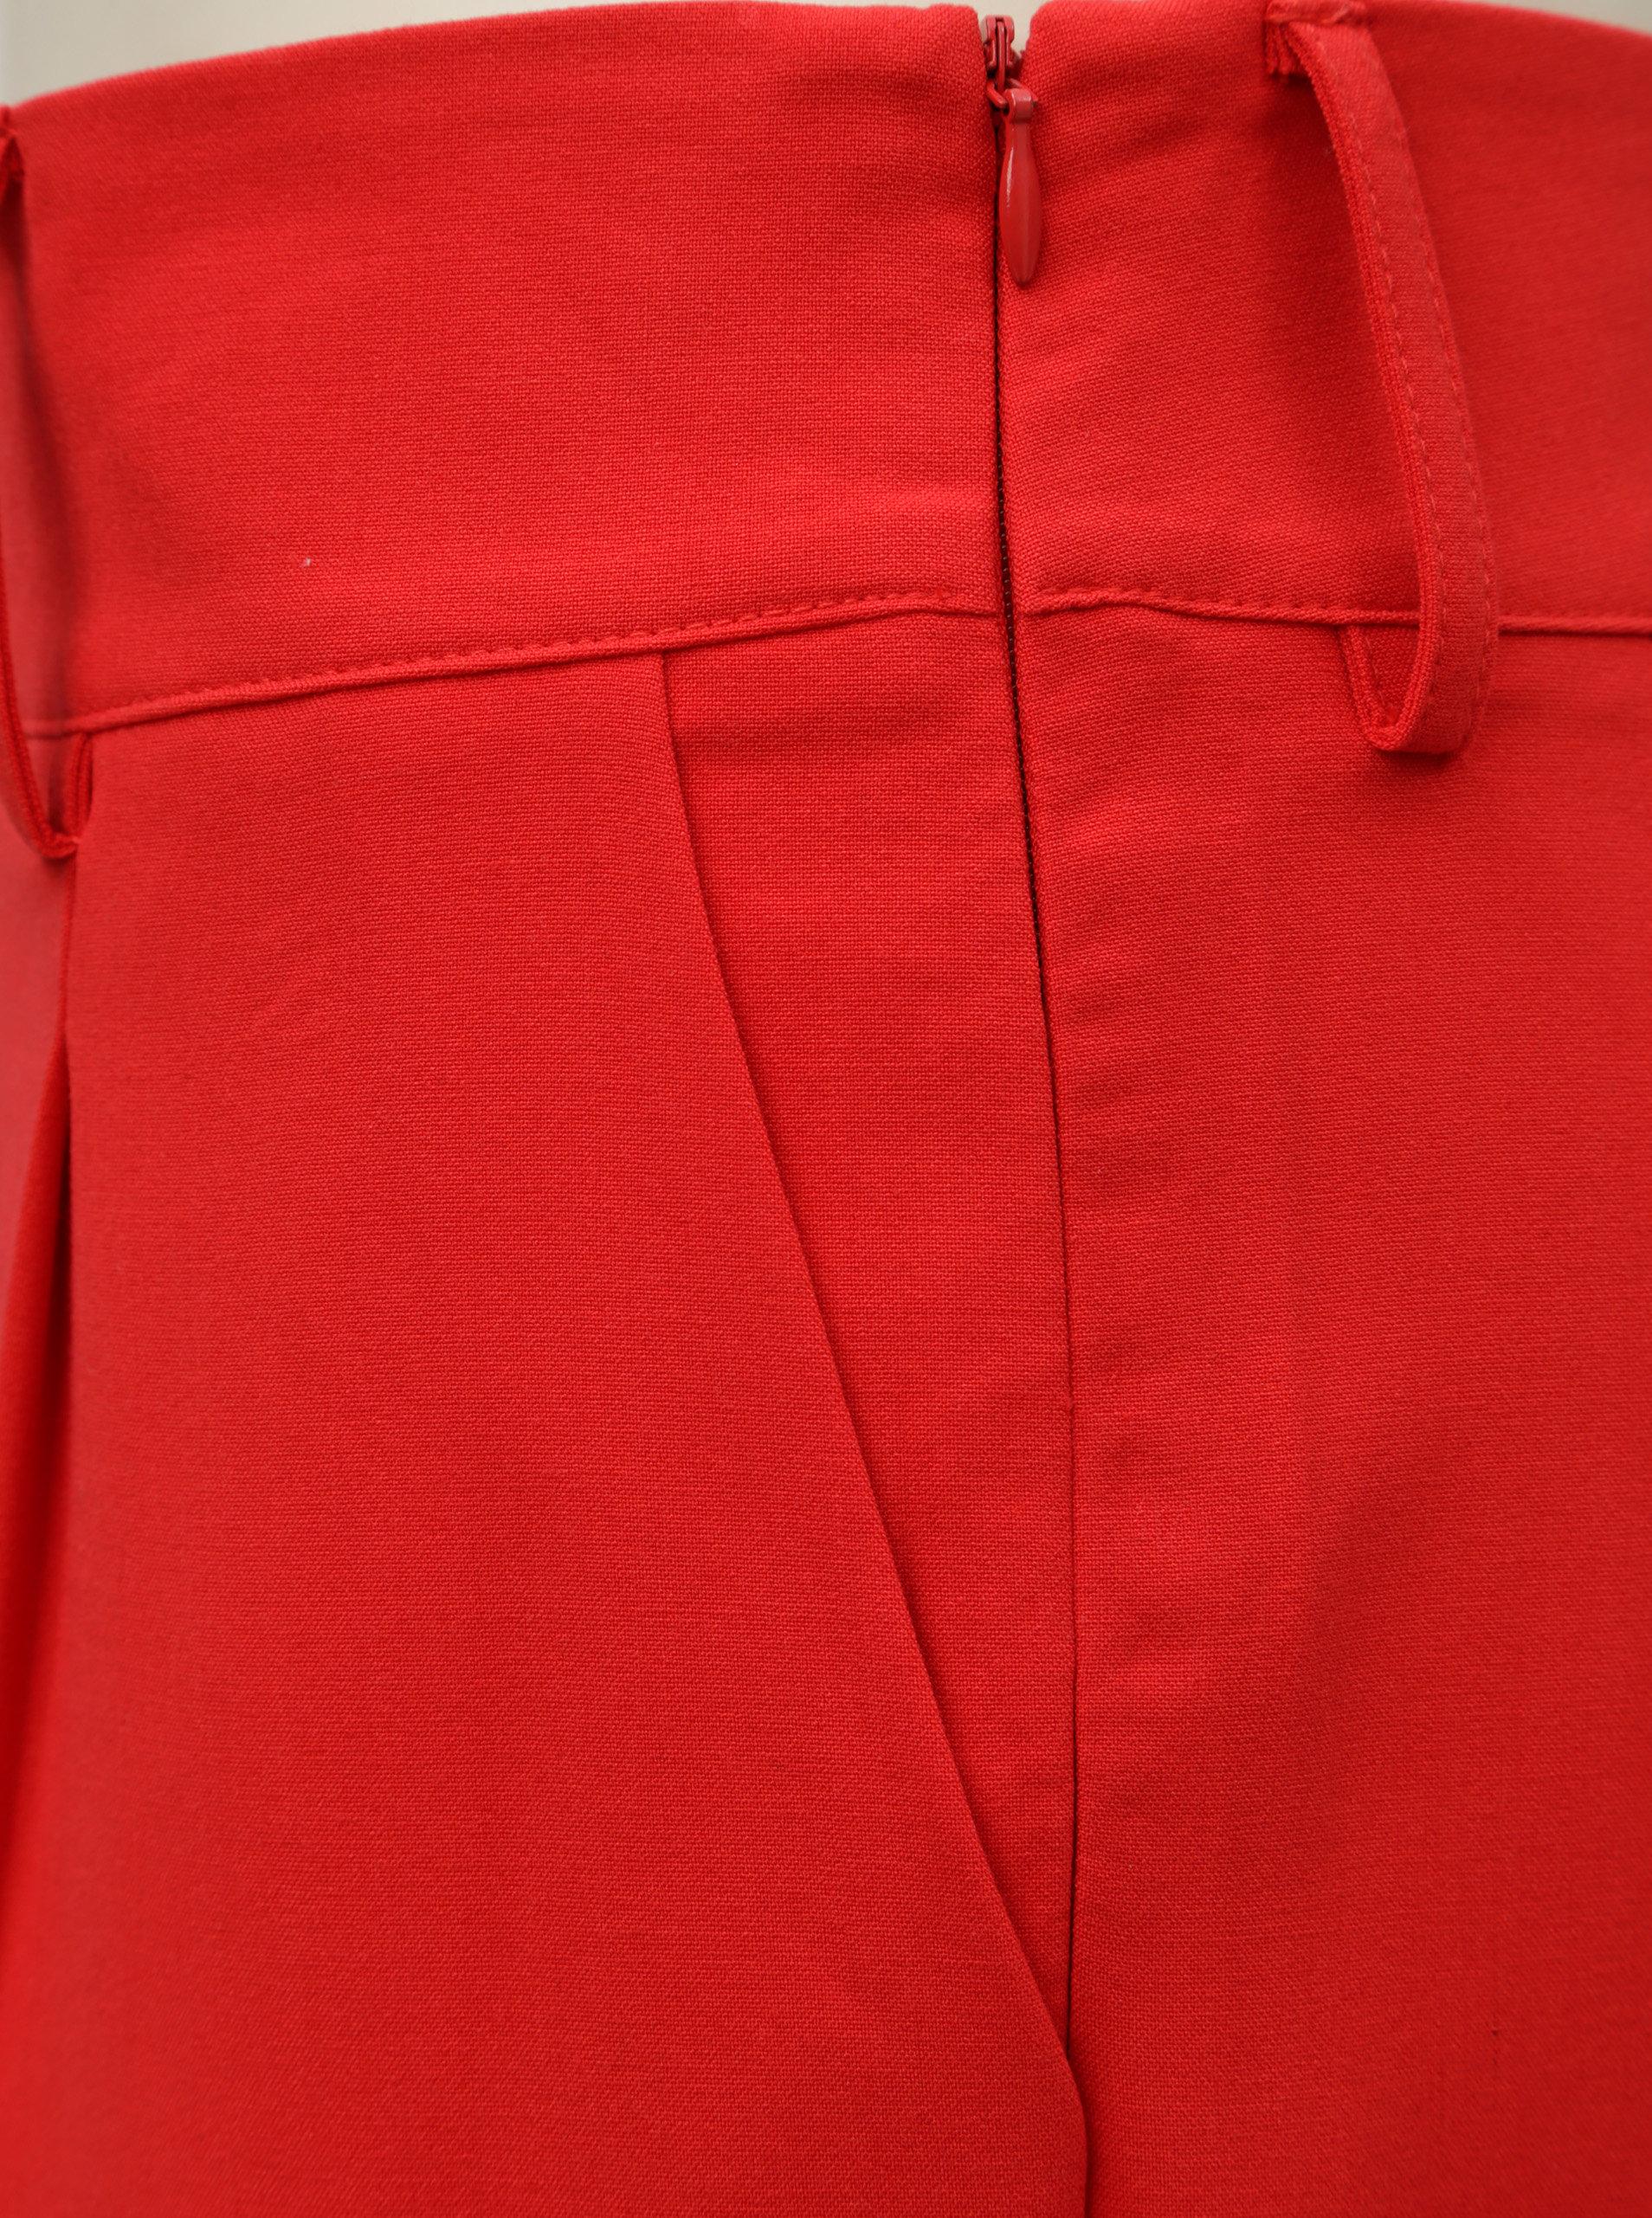 Červené kalhoty s vysokým pasem Jacqueline de Yong Felix ... 8bd917fe81